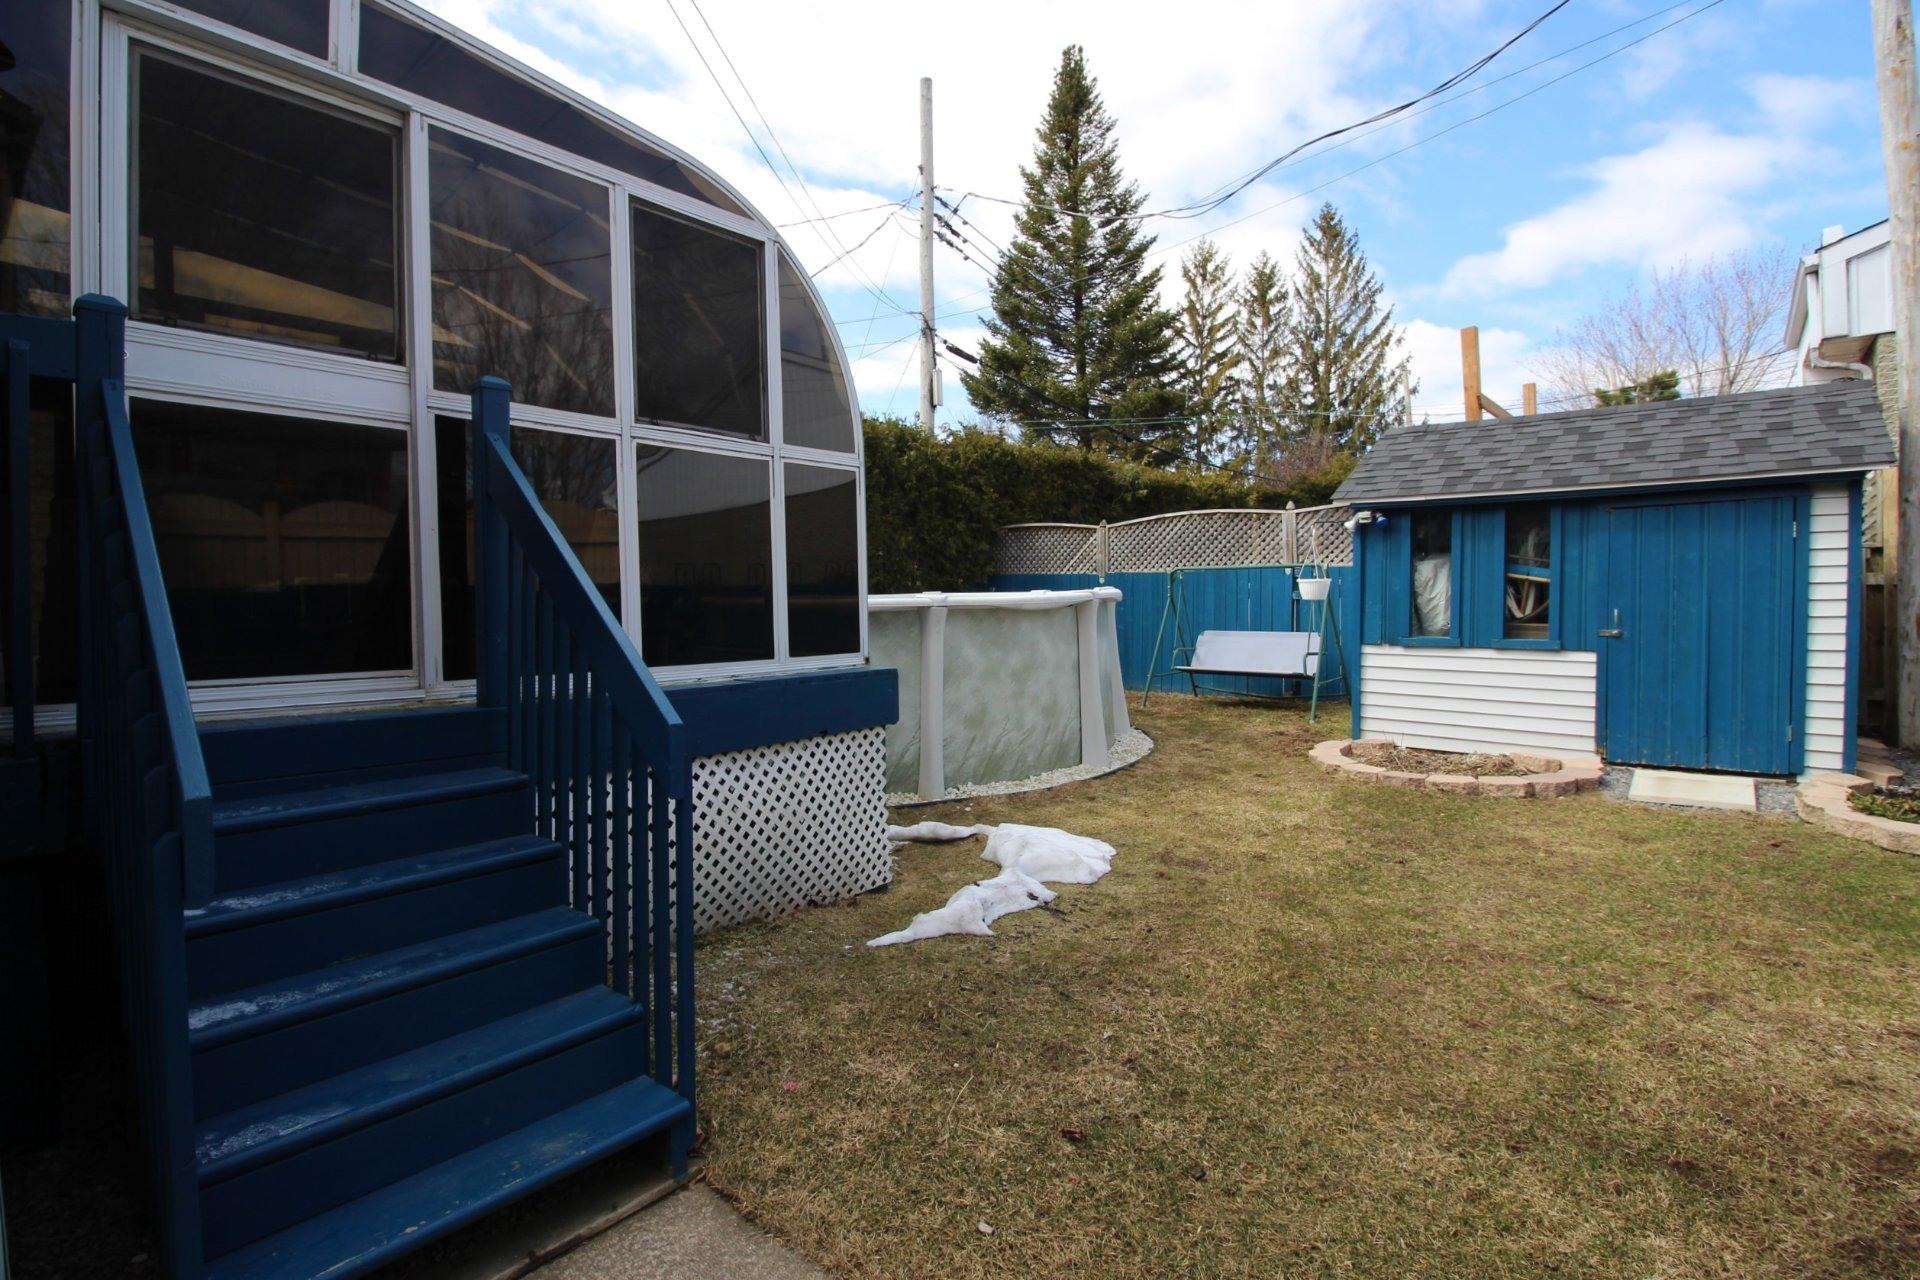 image 23 - Maison À vendre Rivière-des-Prairies/Pointe-aux-Trembles Montréal  - 8 pièces